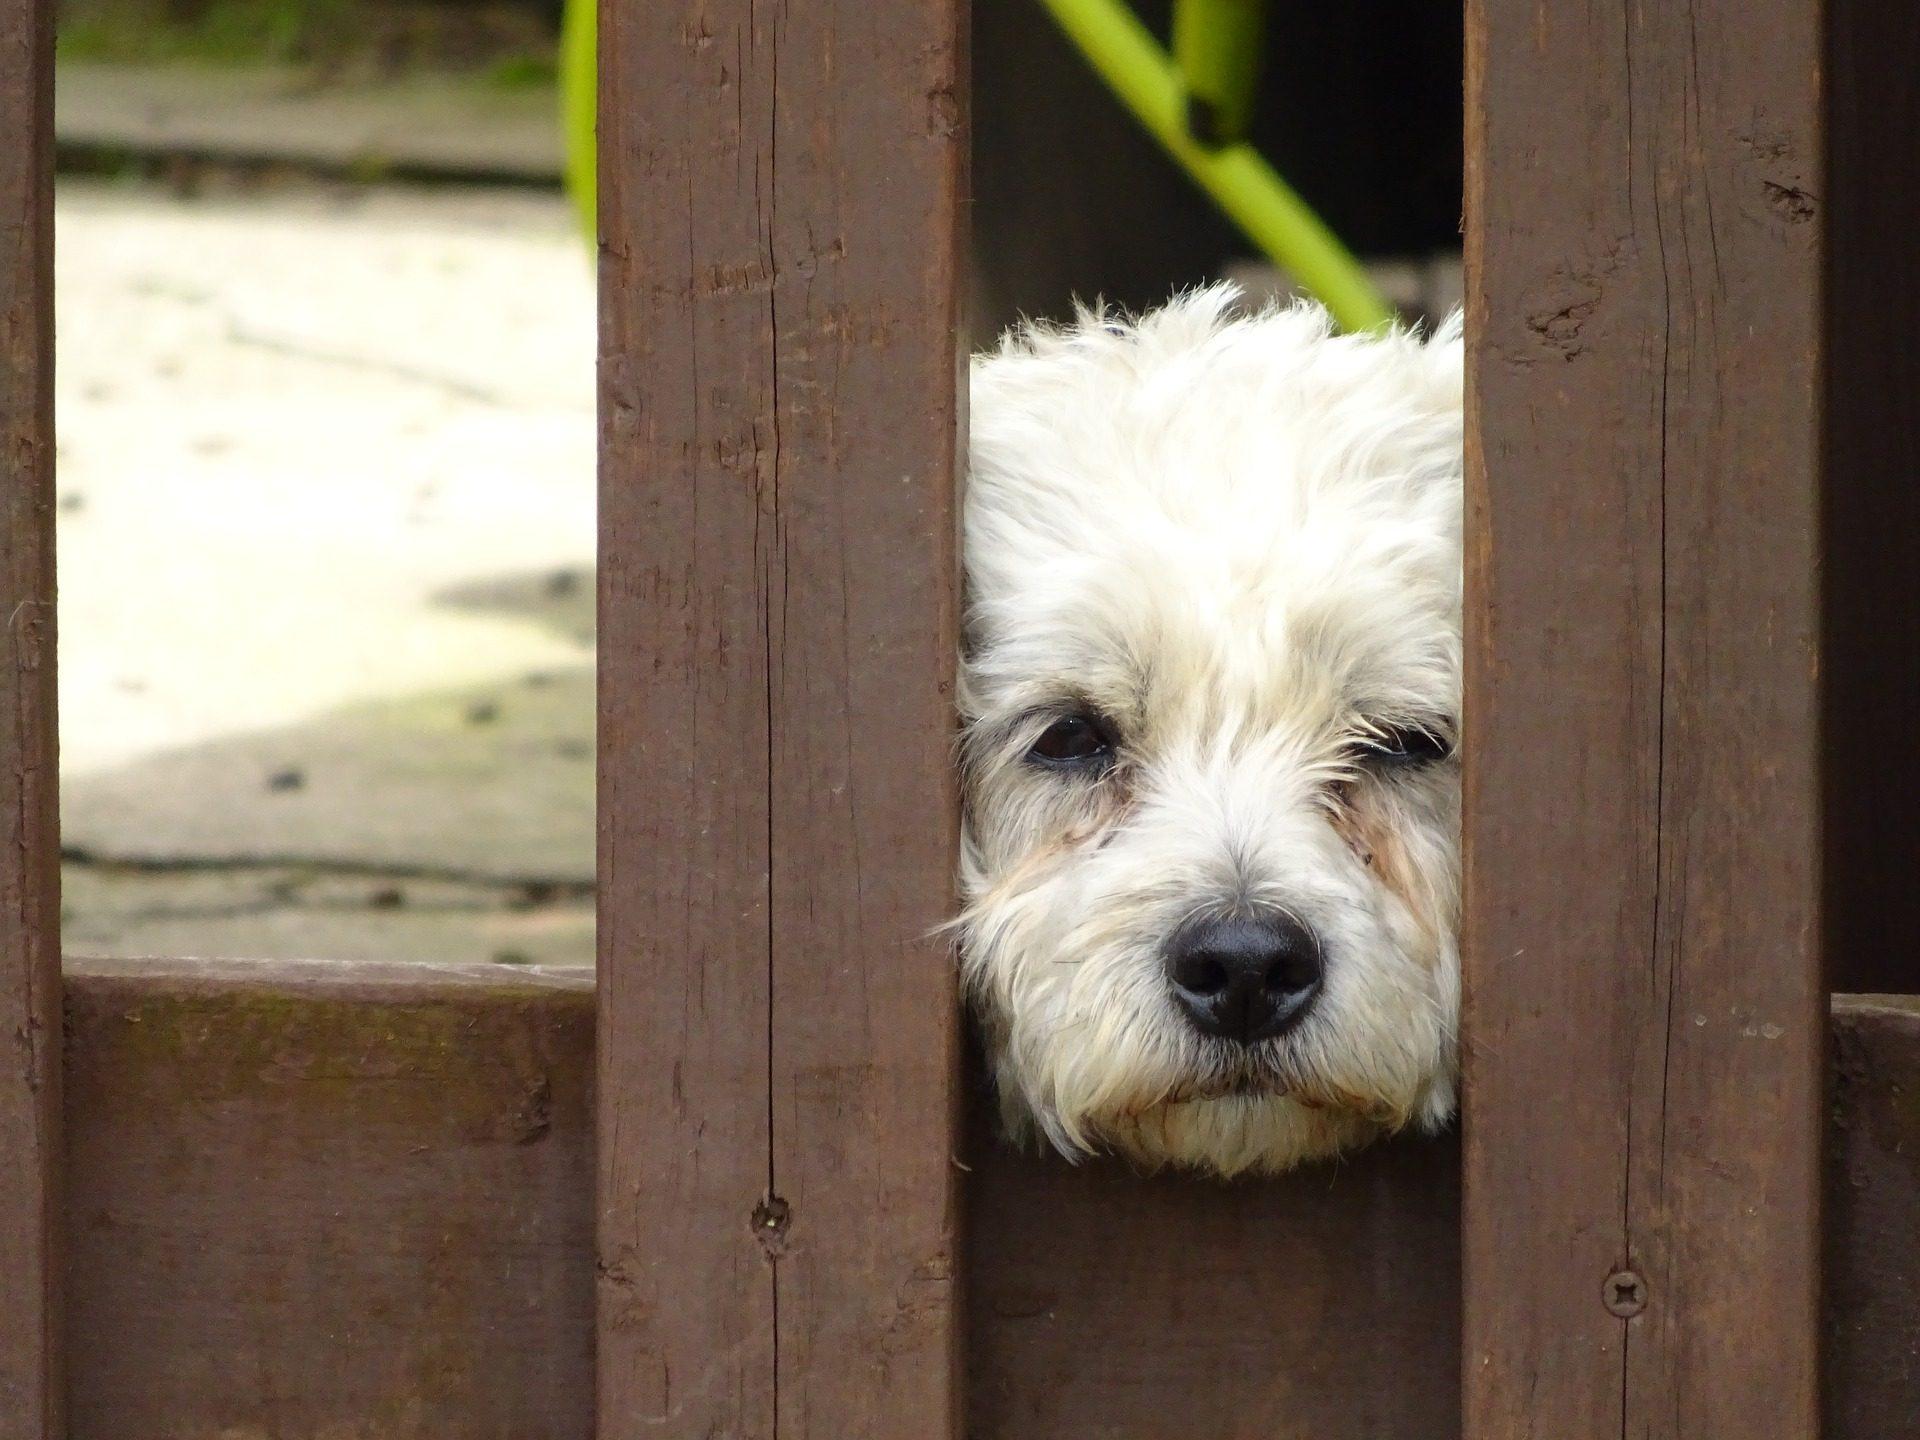 cane, Animale domestico, Jardín, recinzione, muso - Sfondi HD - Professor-falken.com